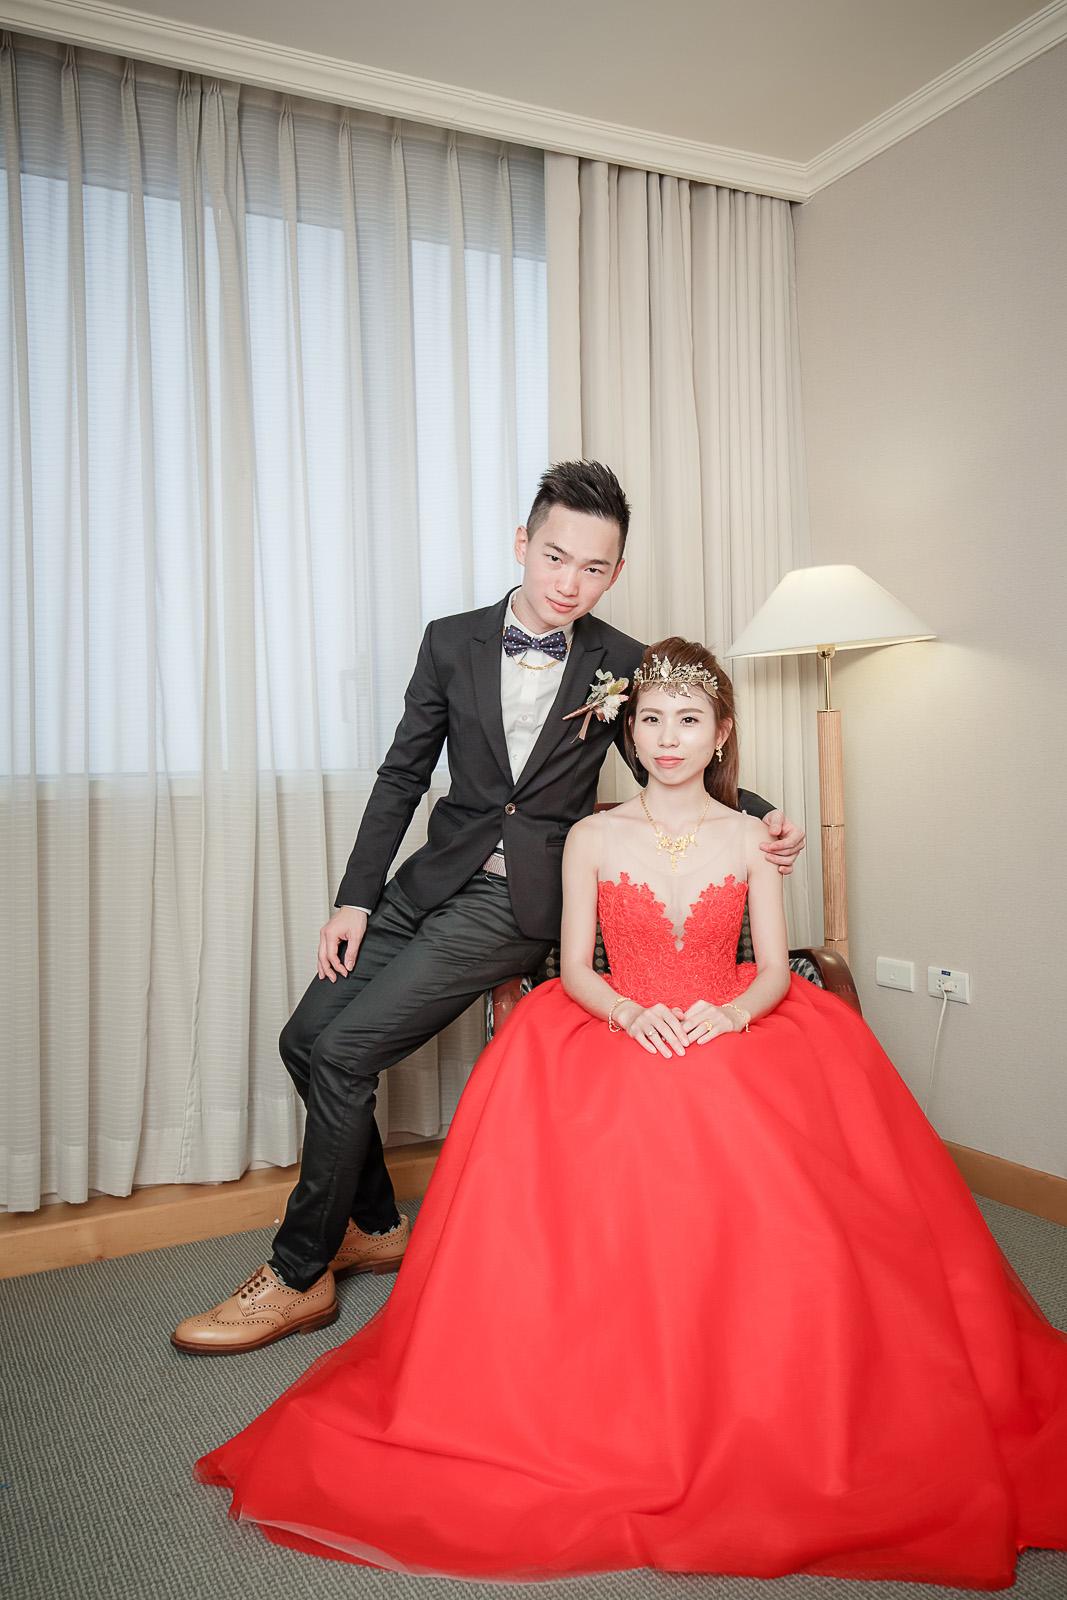 高雄圓山飯店,婚禮攝影,婚攝,高雄婚攝,優質婚攝推薦,Jen&Ethan-057